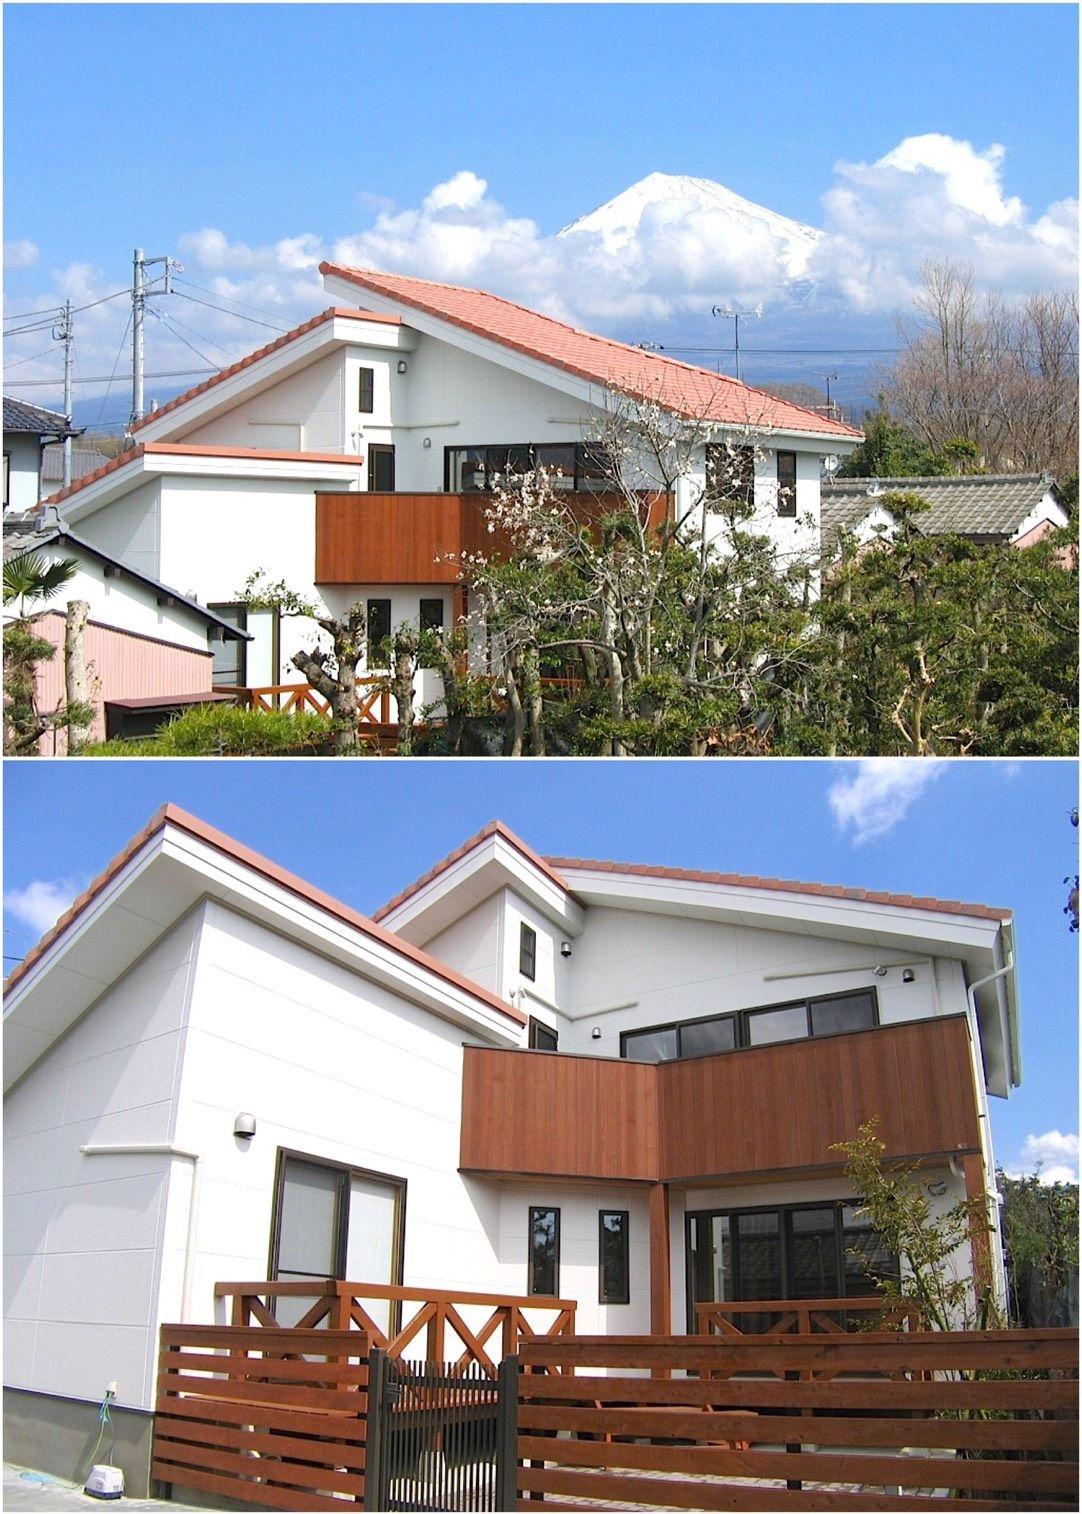 白壁と洋瓦が素敵な ヨーロッパ風の住宅 家 マイホーム マイ